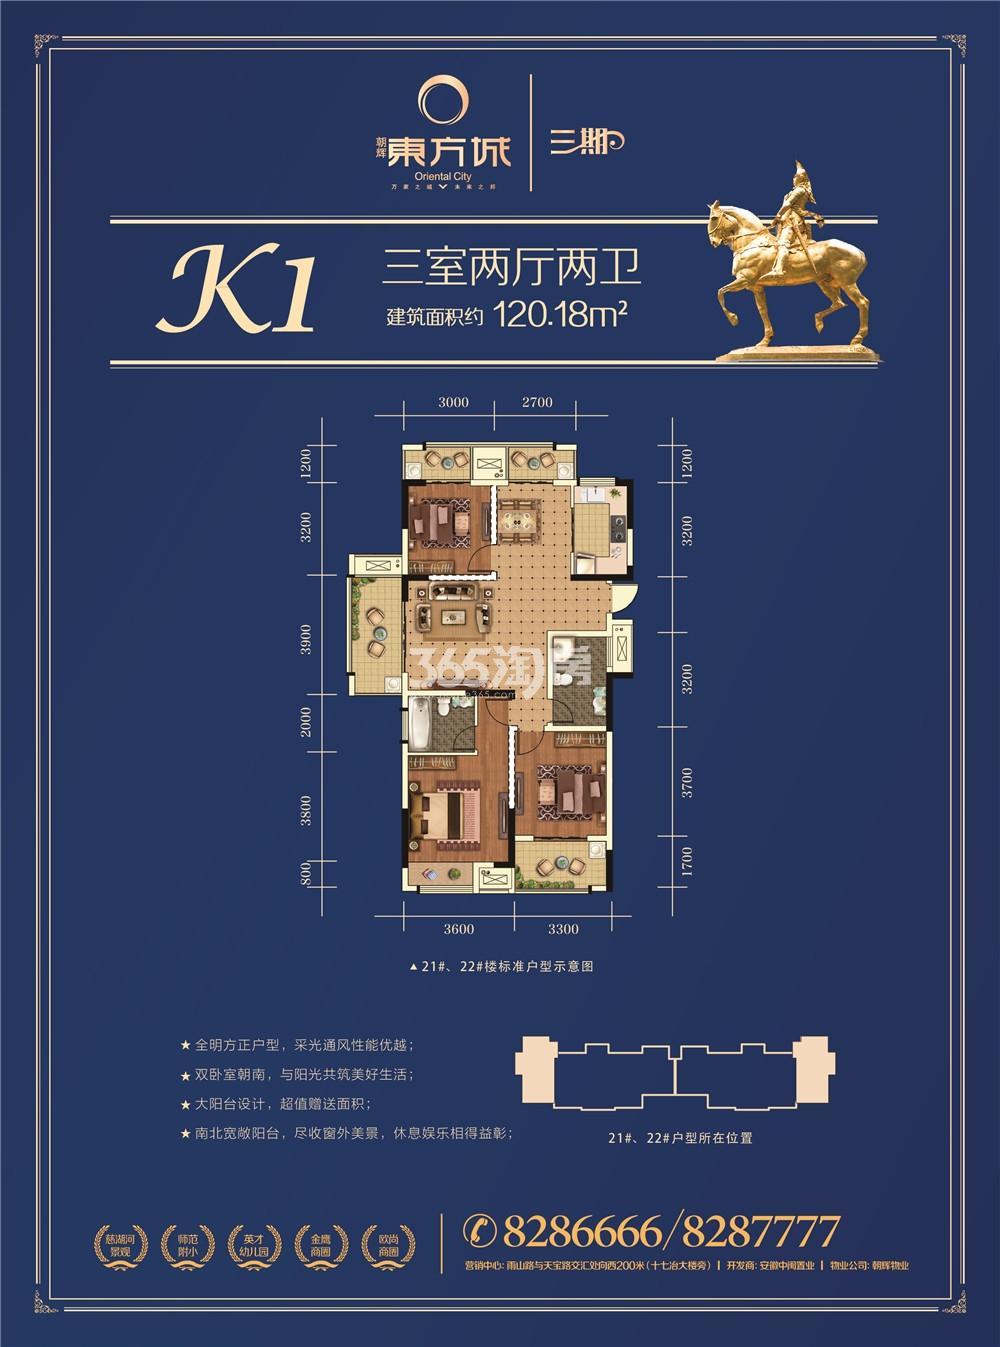 朝辉东方城三期K1户型图